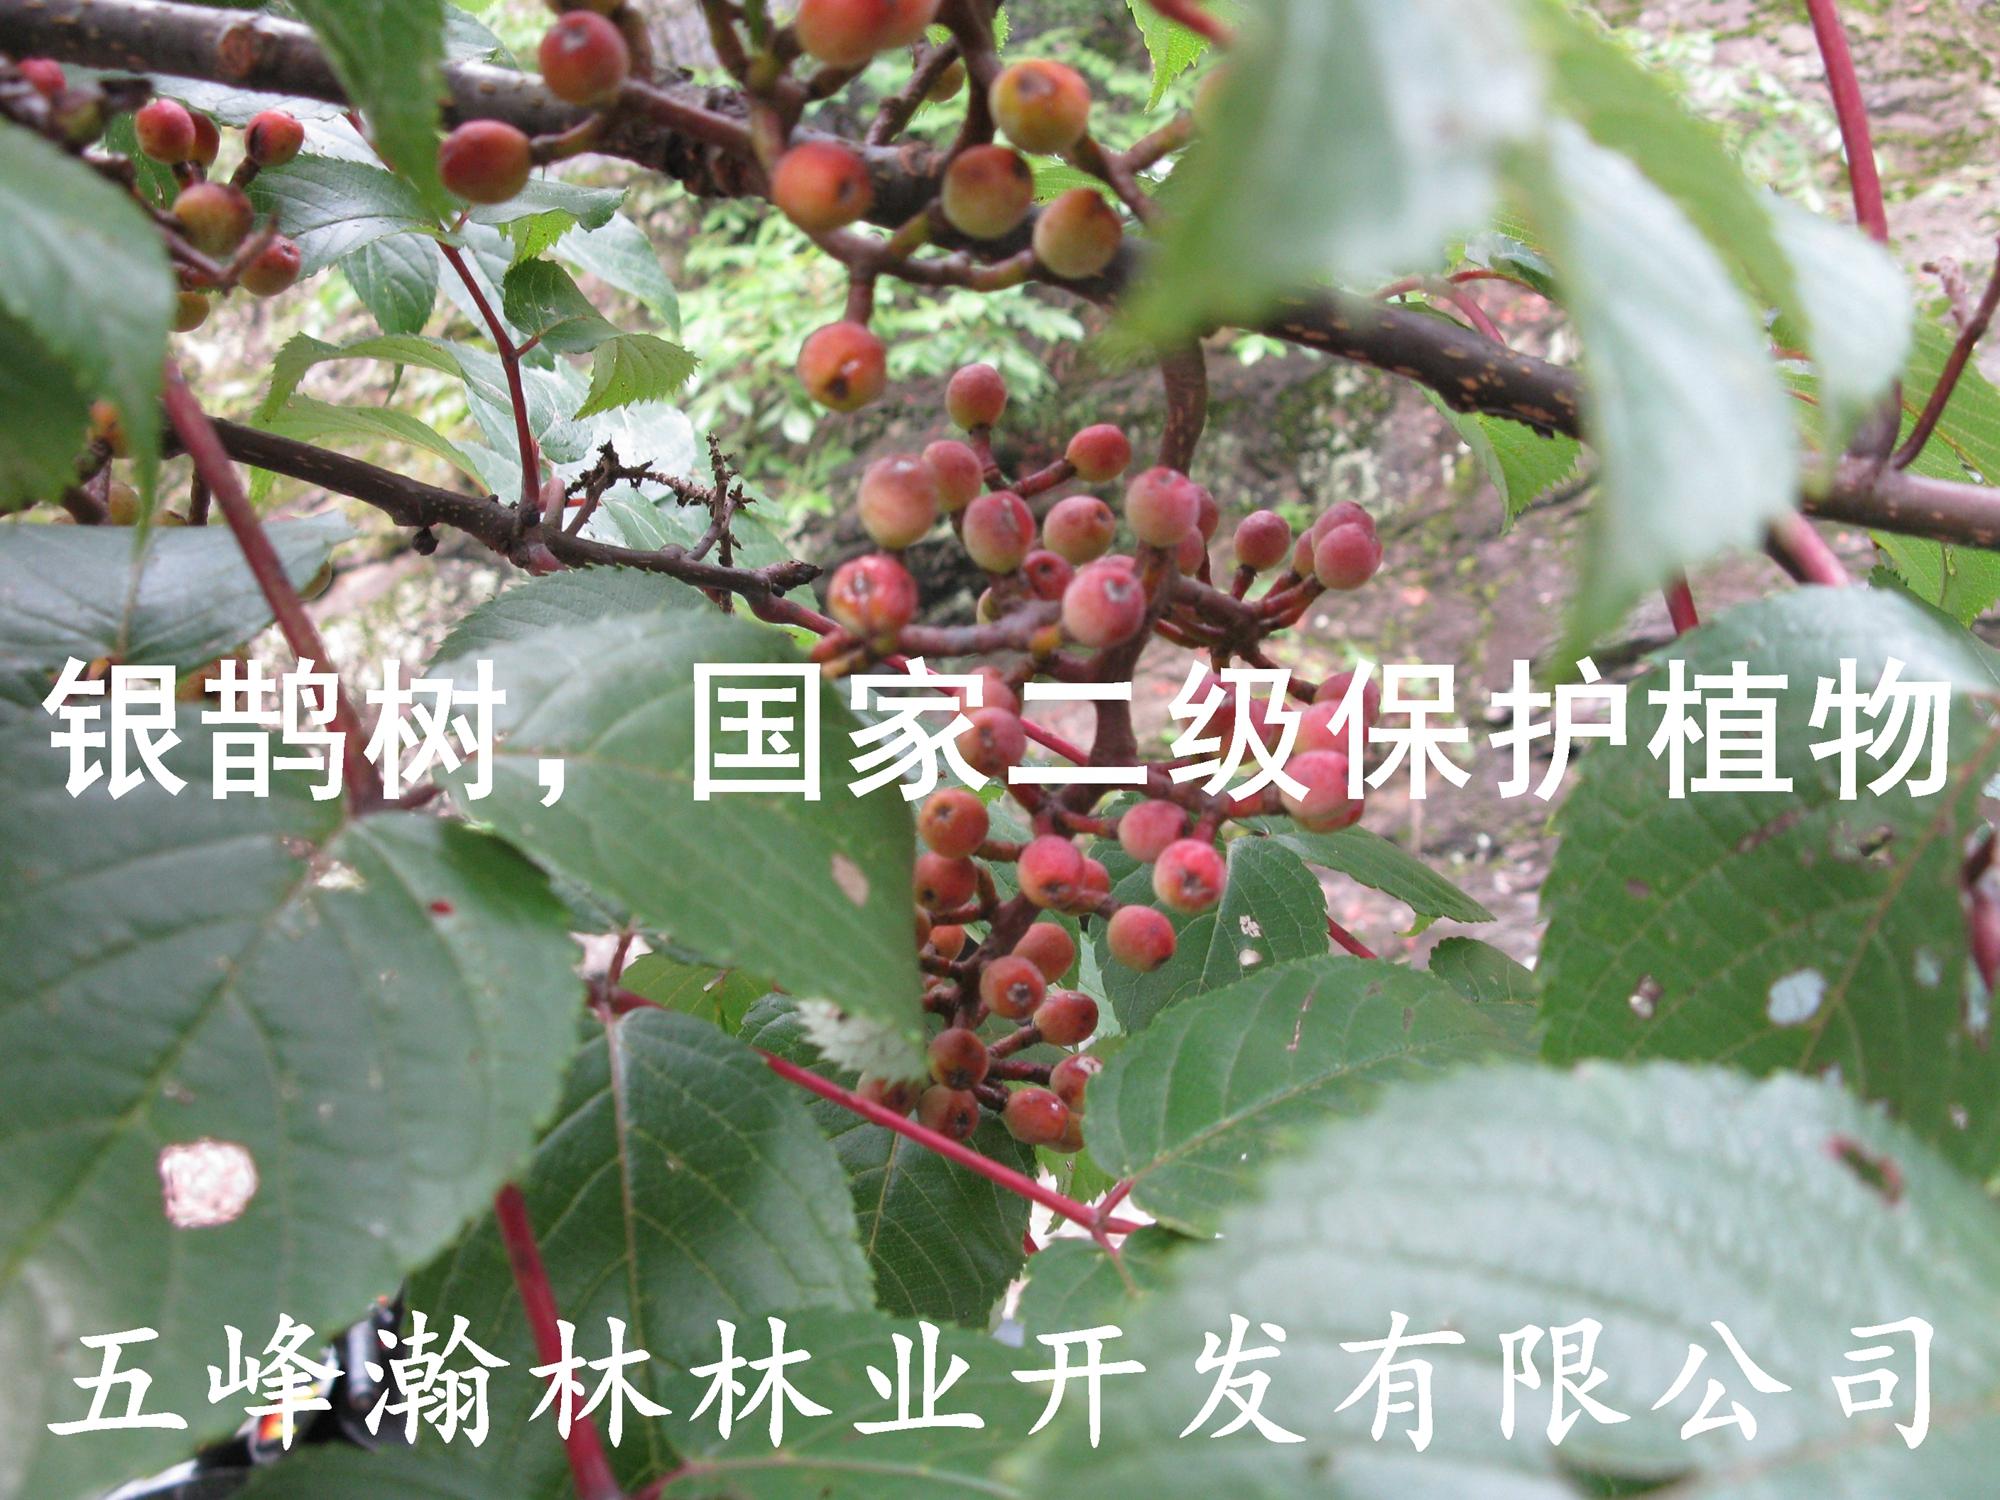 供应银鹊树苗,瘿椒树苗,孑遗植物,稀有种,省沽油科